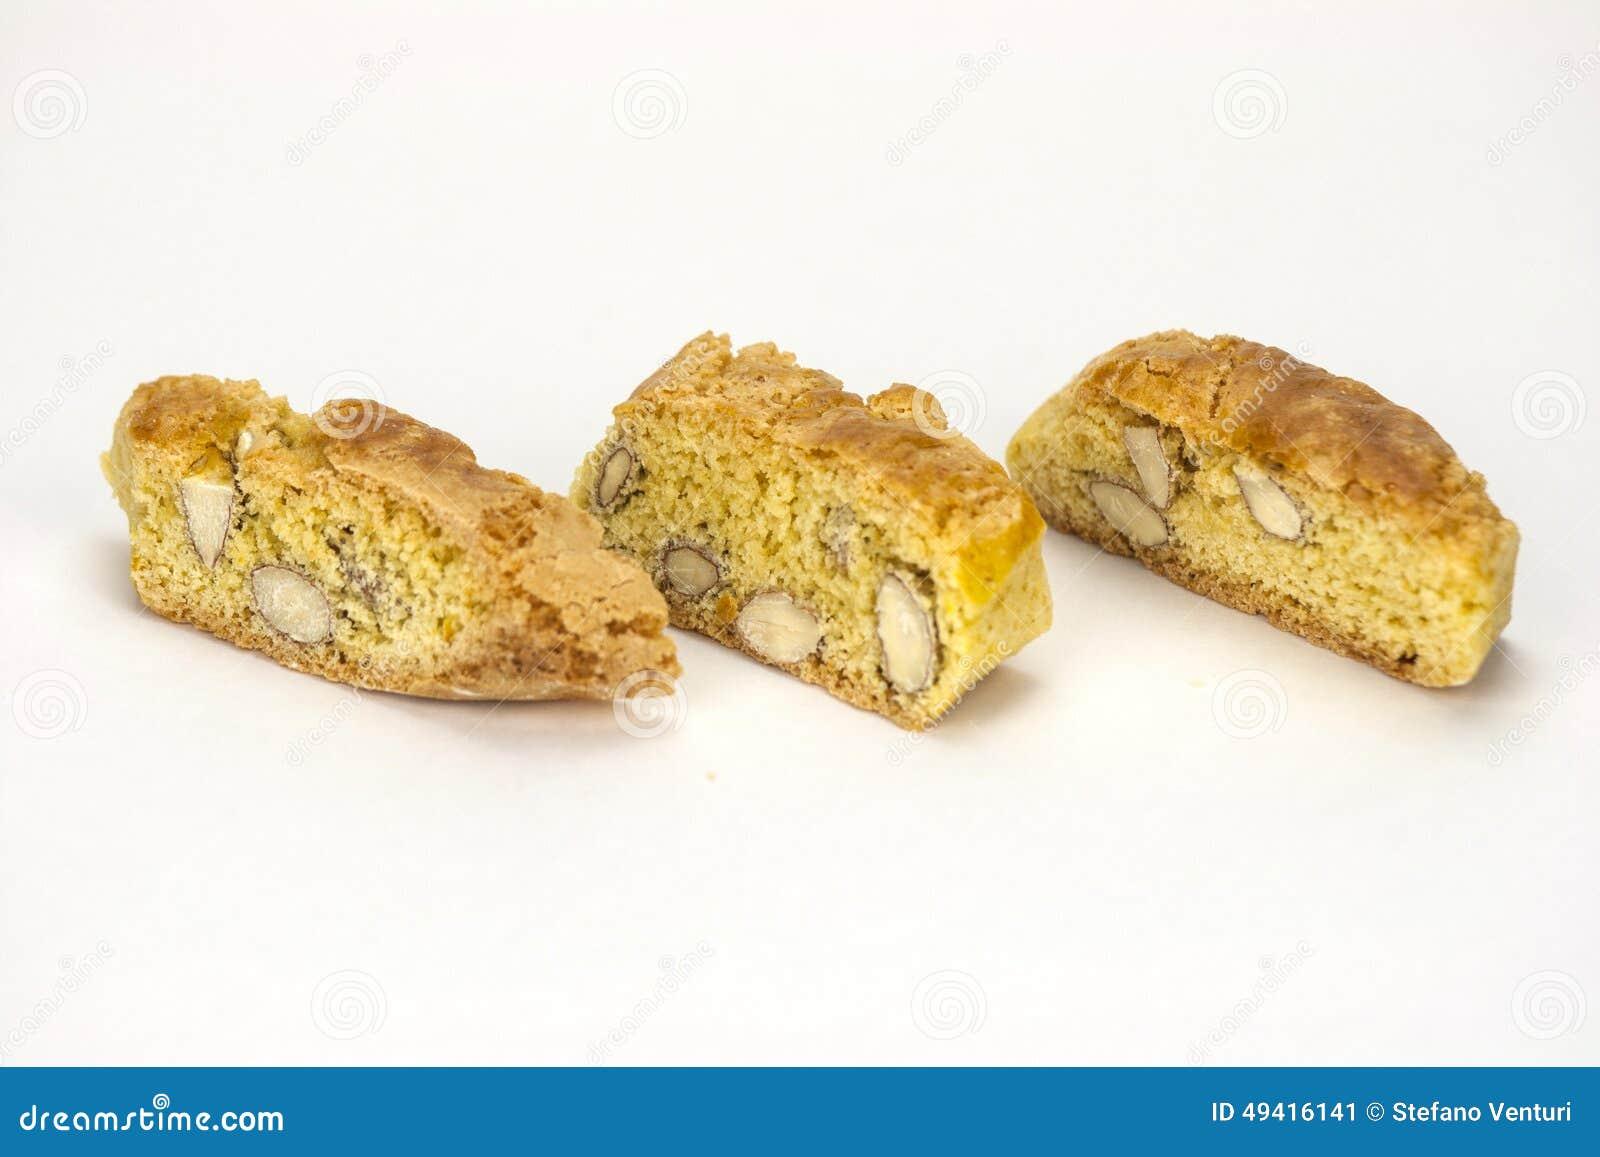 Download Cantucci stockbild. Bild von italienisch, süßigkeit, biskuite - 49416141